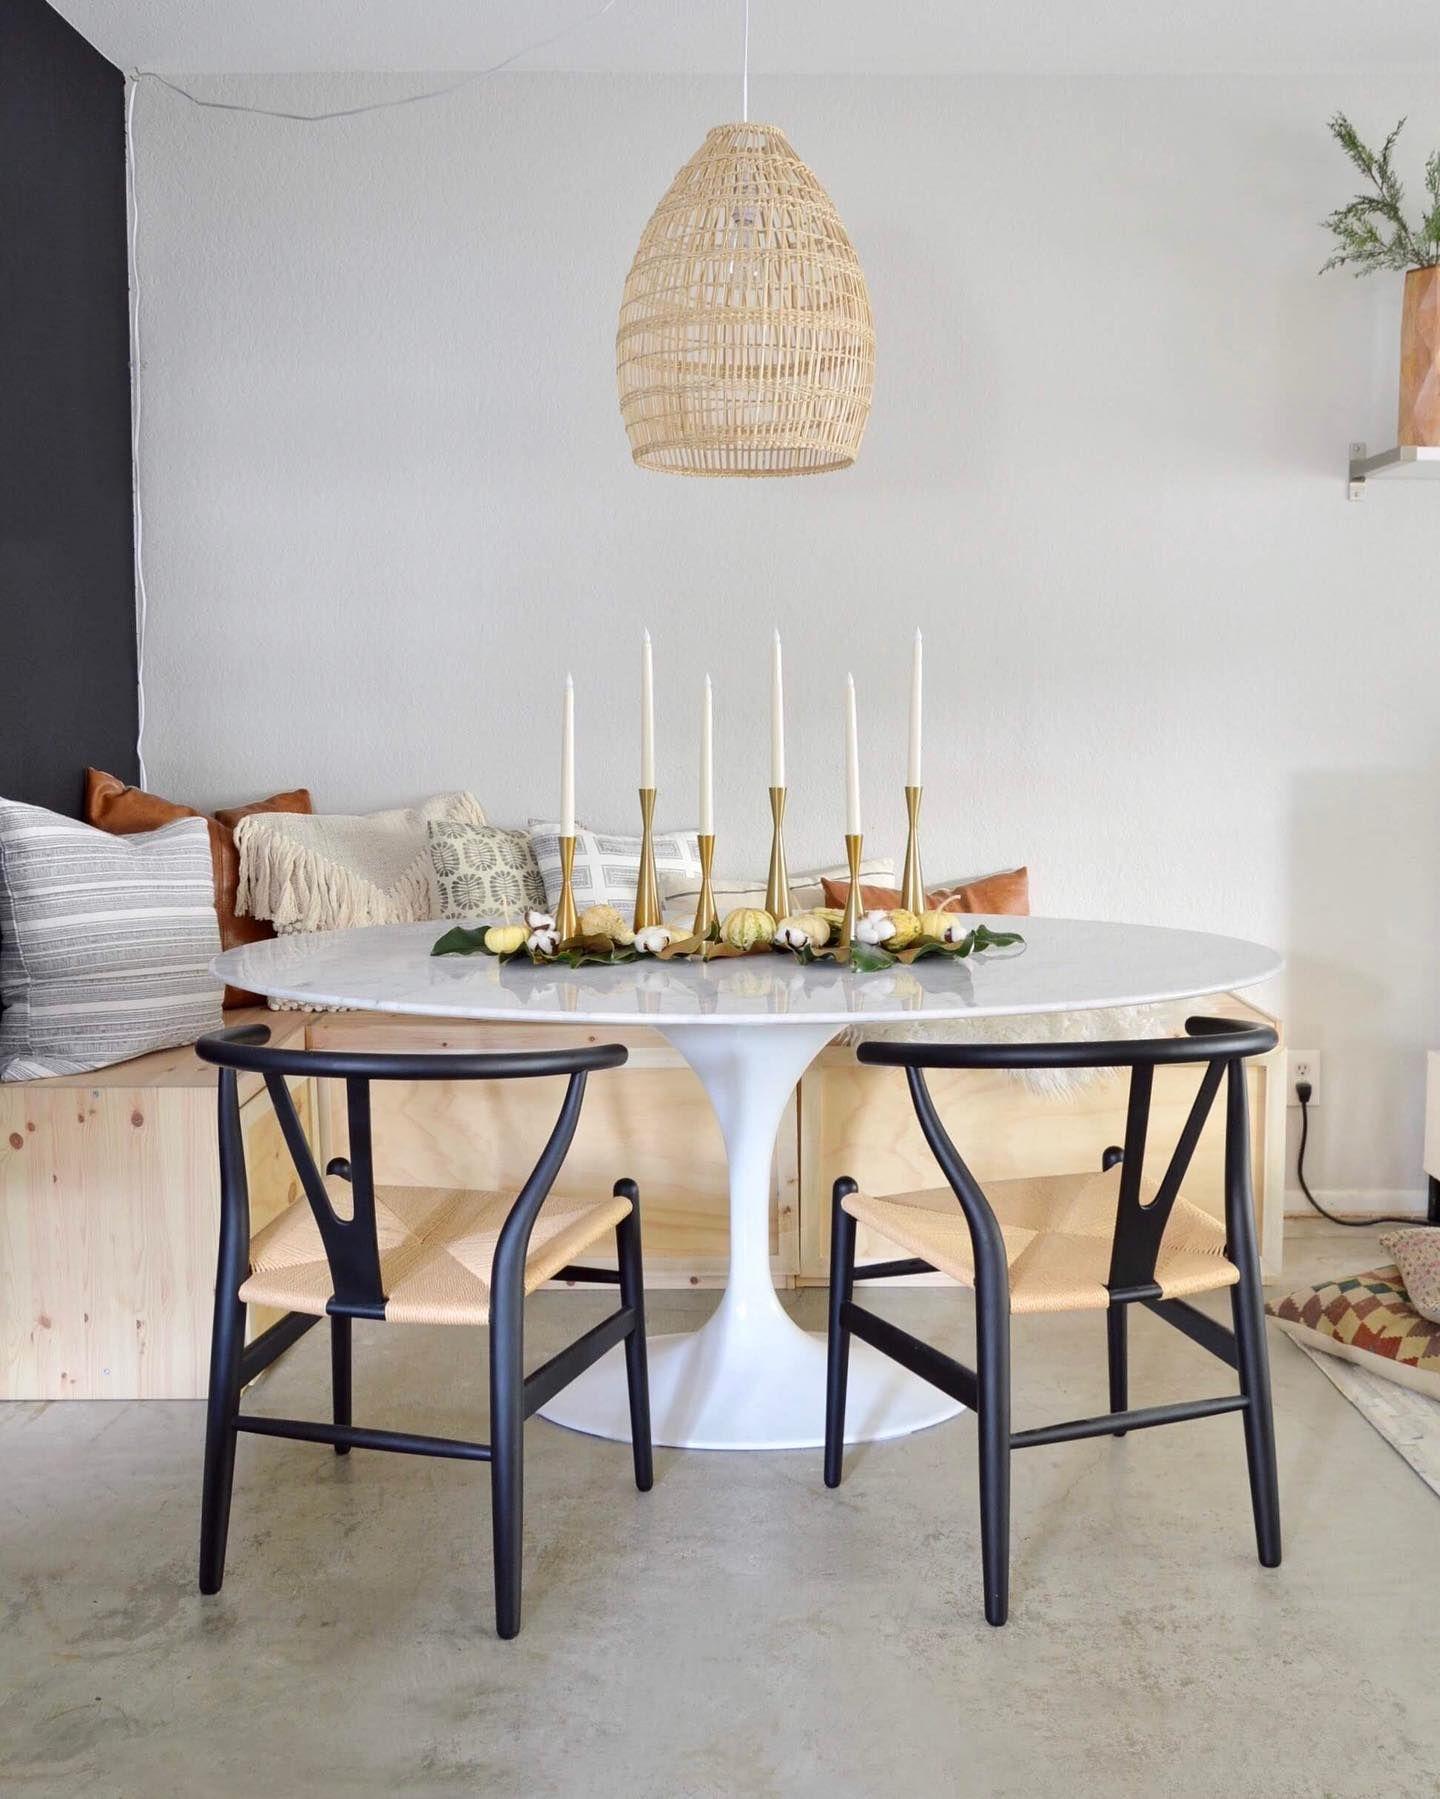 Hans wegner ch24 wishbone chair chair design home decor